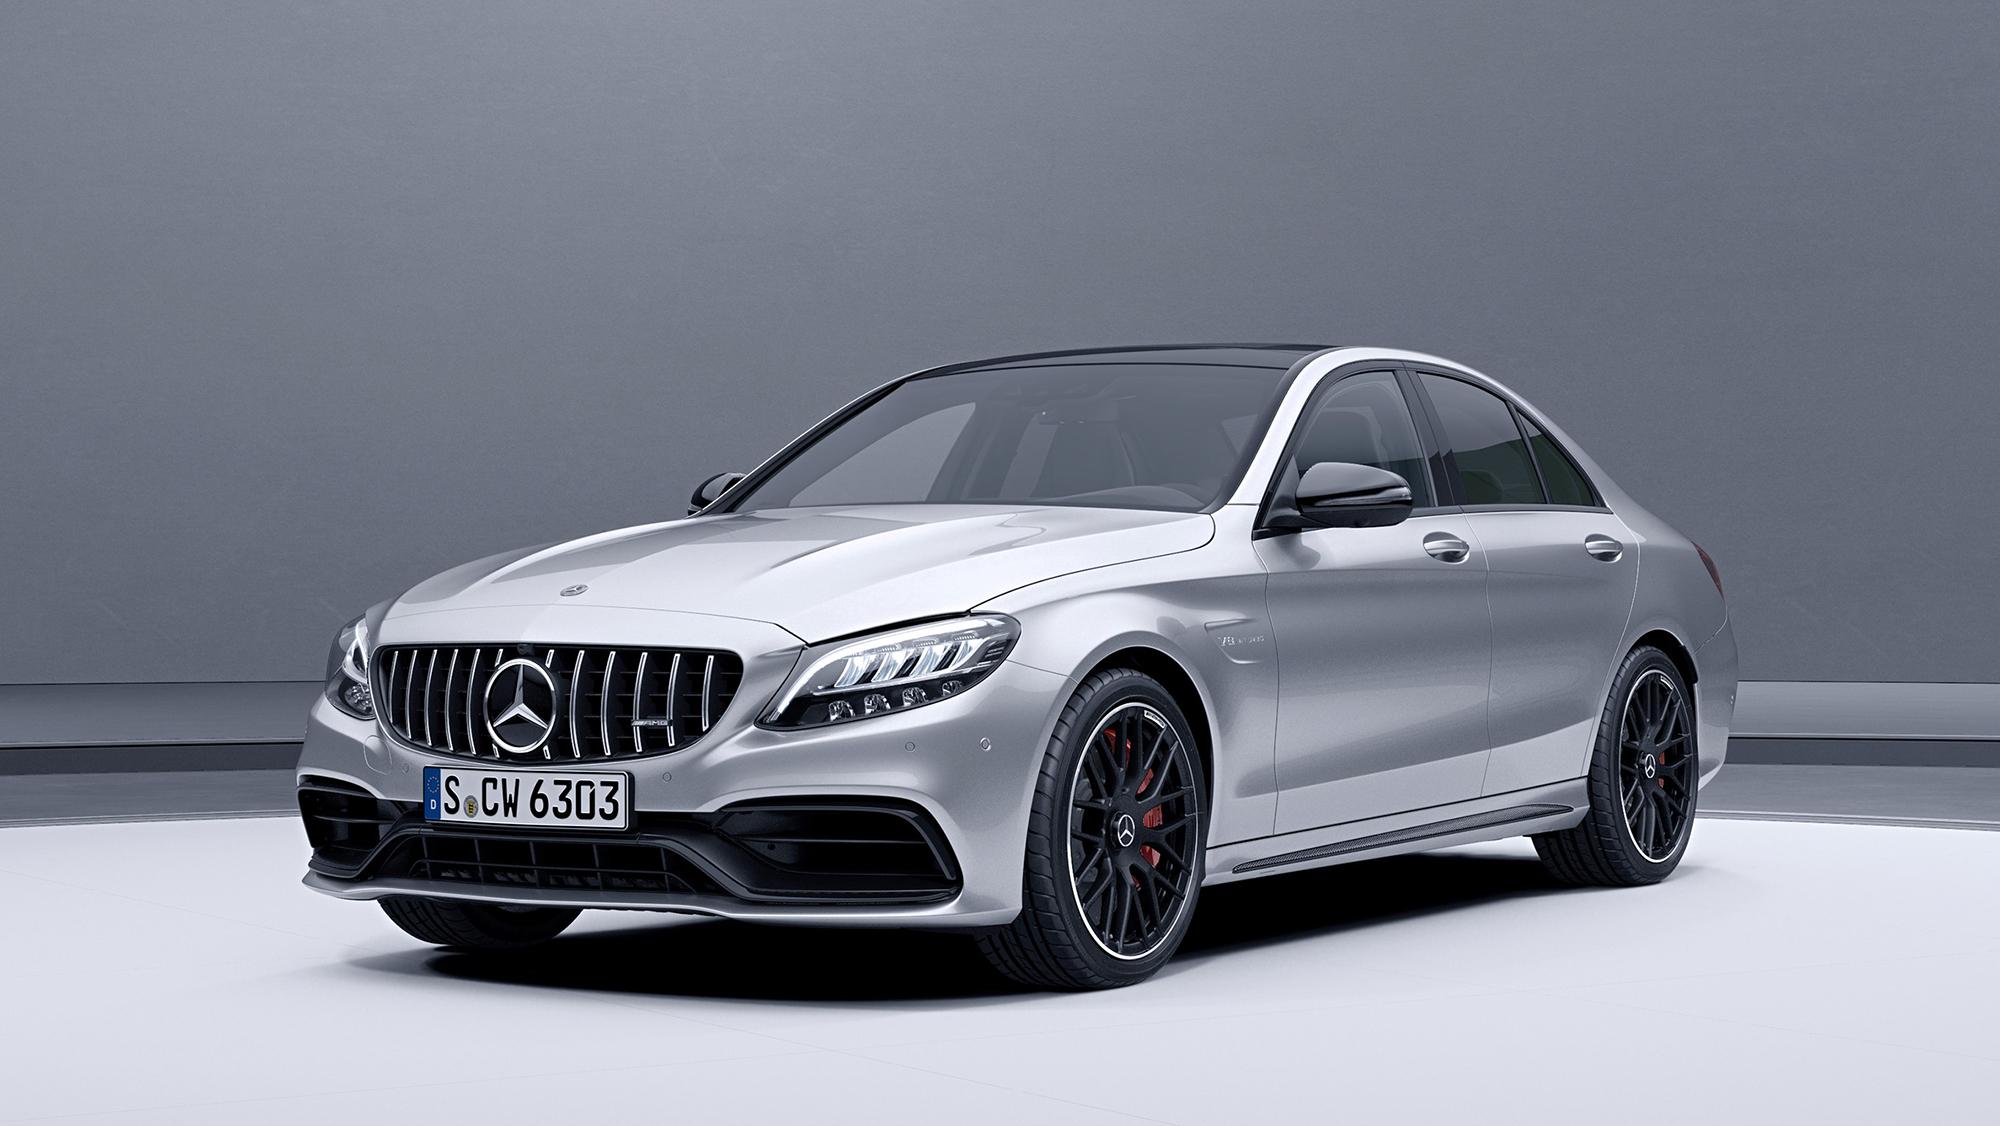 Nova Mercedes Amg C 63 Tem Precos Entre R 500 Mil A 556 Mil